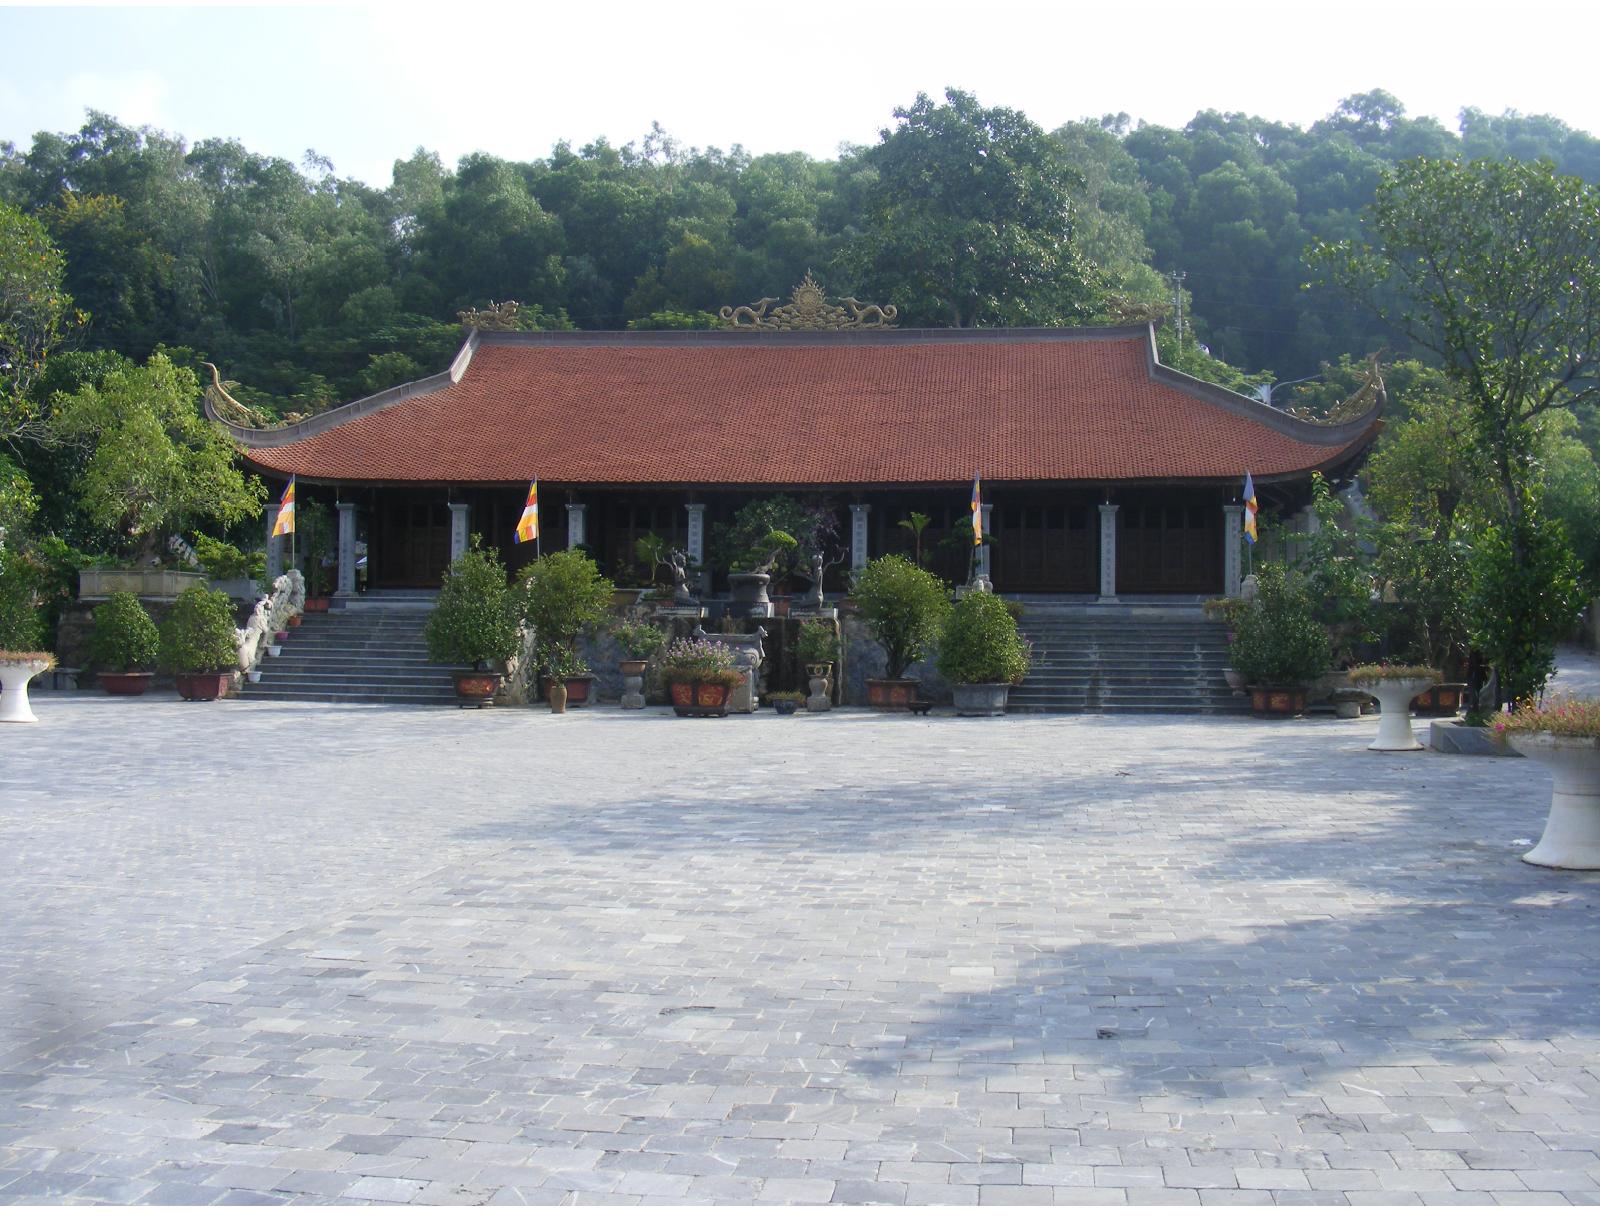 Nét độc đáo làng cổ Đông Sơn  ảnh 7